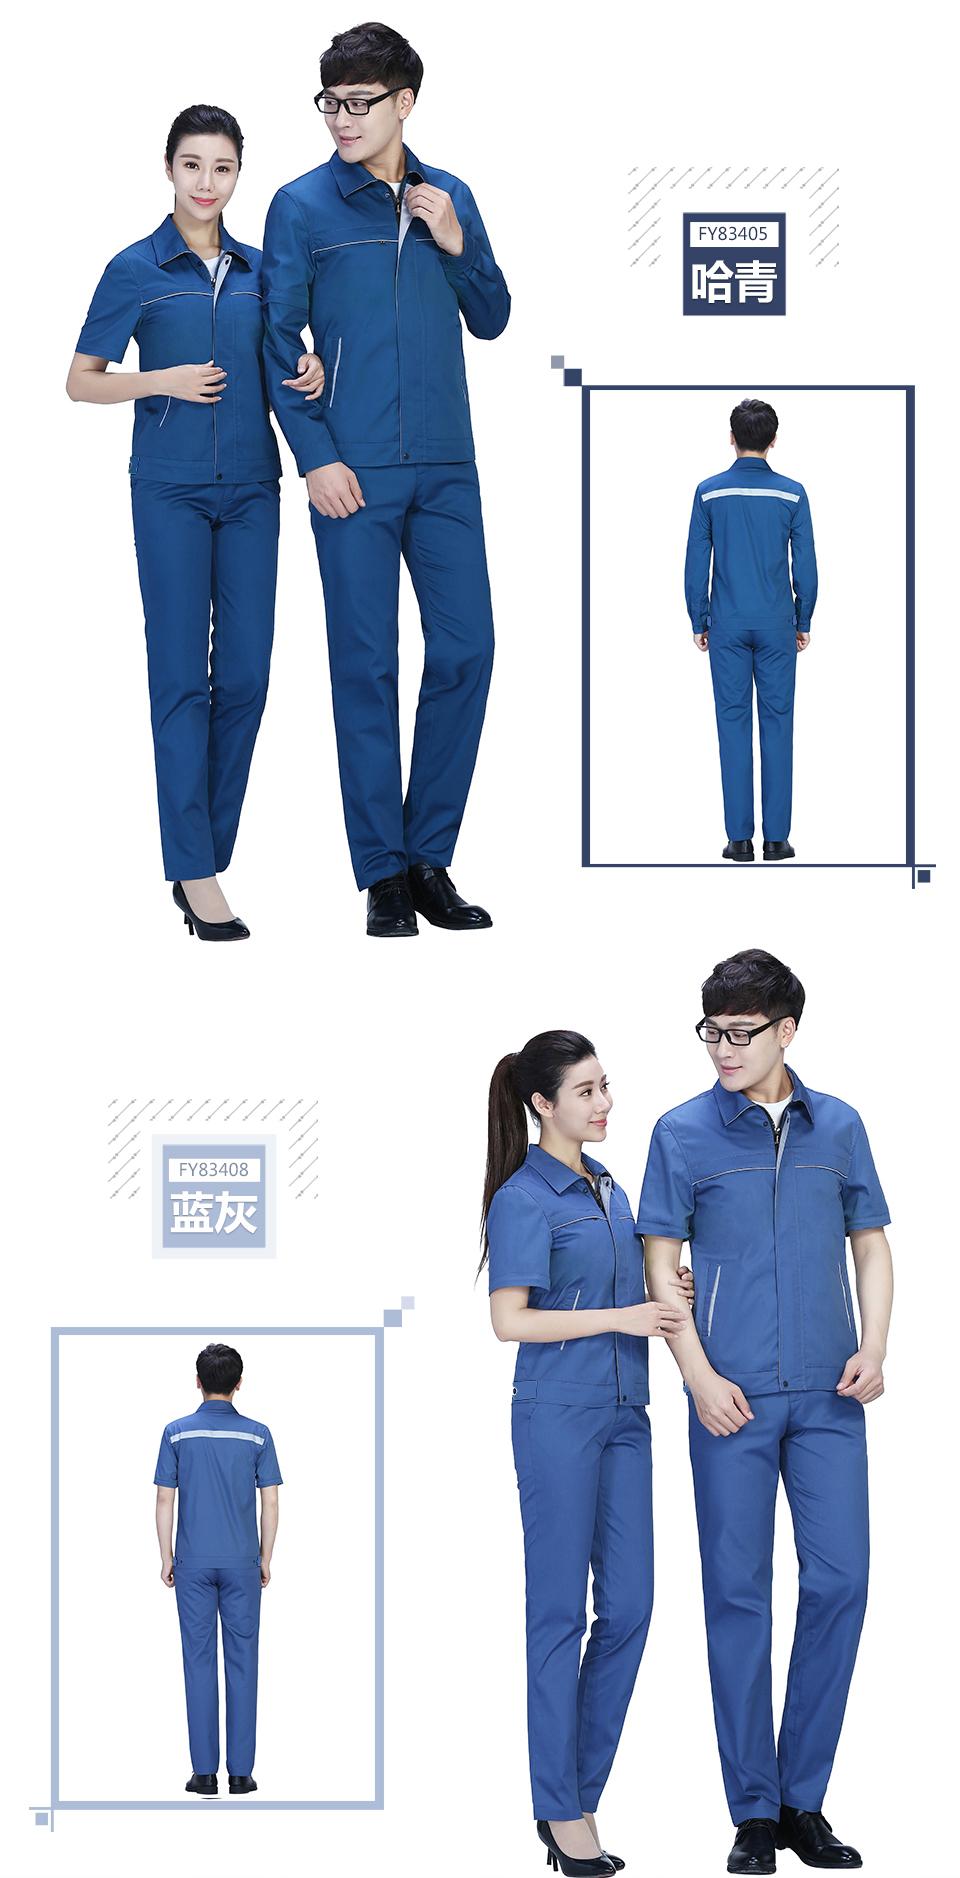 新蓝色春秋季涤棉工装裤